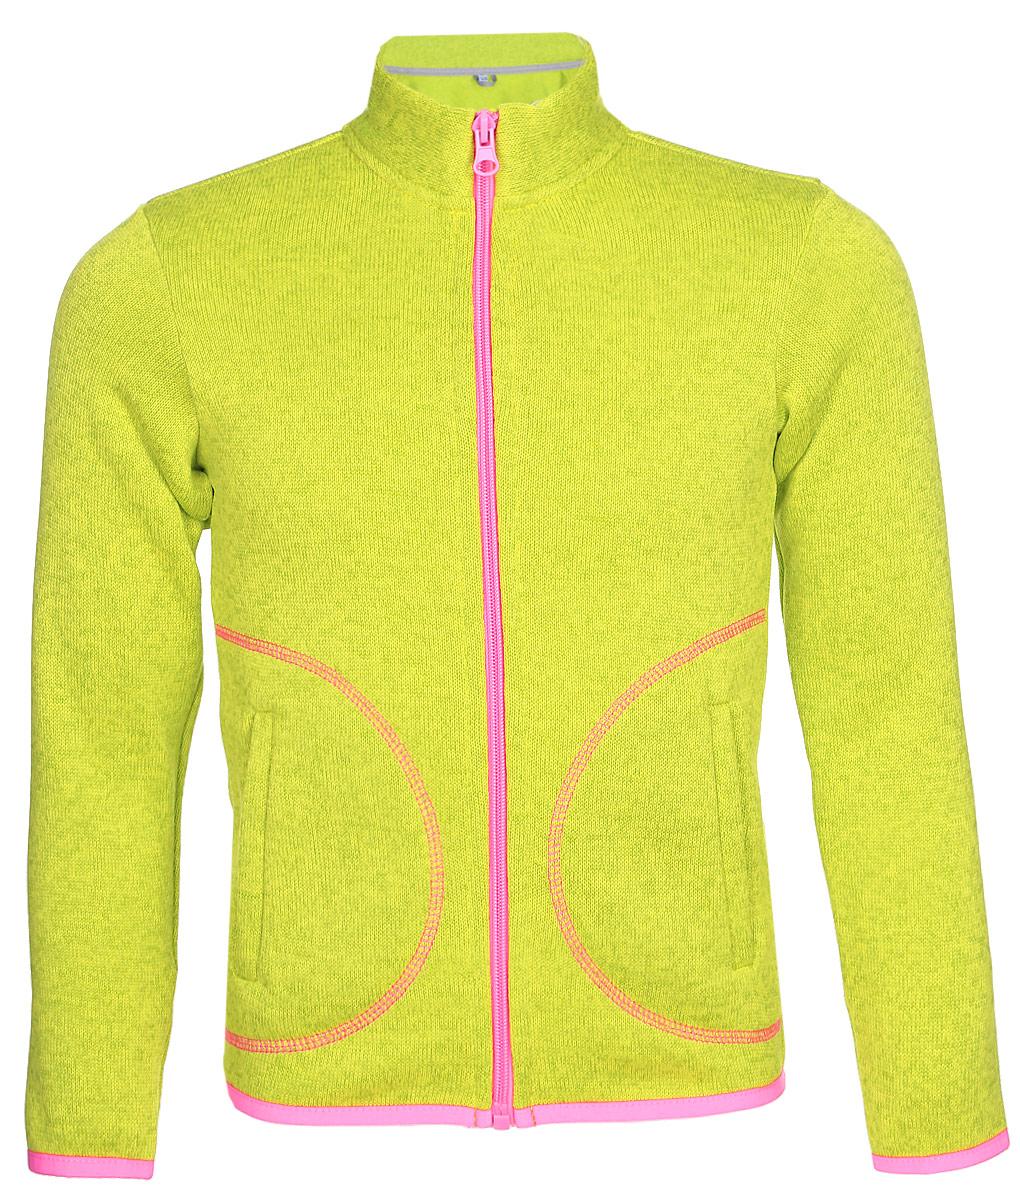 Толстовка флисовая для девочки Oldos Active Агата, цвет: лимонный. 4К1705. Размер 110, 5 лет4К1705Толстовка OLDOS ACTIVE Агата на молнии из вязаного флиса для девочки. С внешней стороны флис имеет вязаную фактуру, с внутренней - ворсистую. Вязаный флис эффективно отводит влагу, защищает от ветра, держит тепло и позволяет коже дышать. Воротник-стойка хорошо прилегает и закрывает шею ребенка от ветра. Изнутри шов воротника укреплен х/б лентой, что предотвращает деформацию и натирание. Низ рукавов и кофты окантованы эластичной тесьмой, есть карманы. Толстовка приятна телу, мягкая и легкая, в ней будет комфортно и тепло на улице и в помещении. Можно использовать в качестве второго слоя в осенне-зимний период.